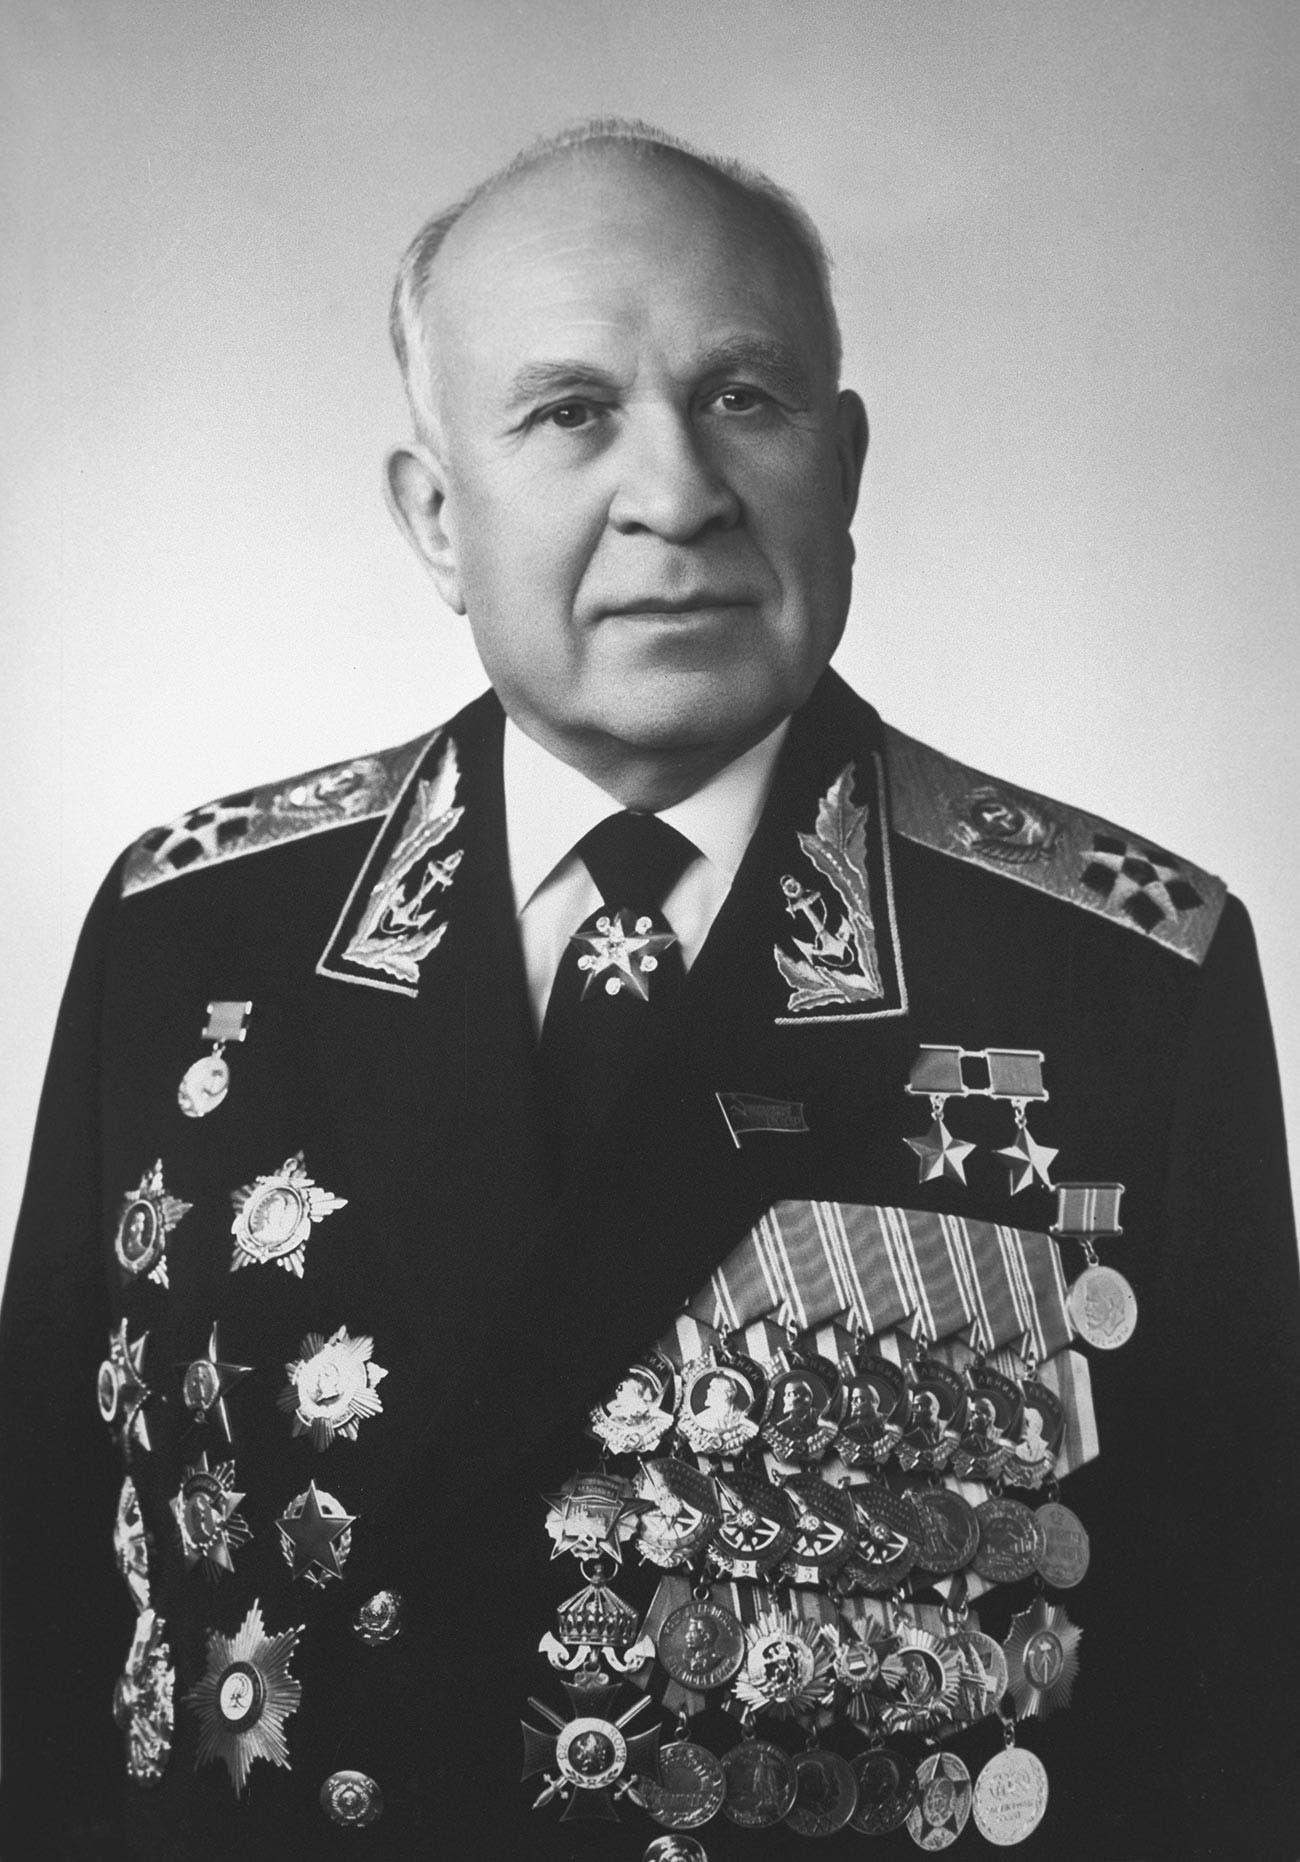 صورة للأميرال غورشكوف